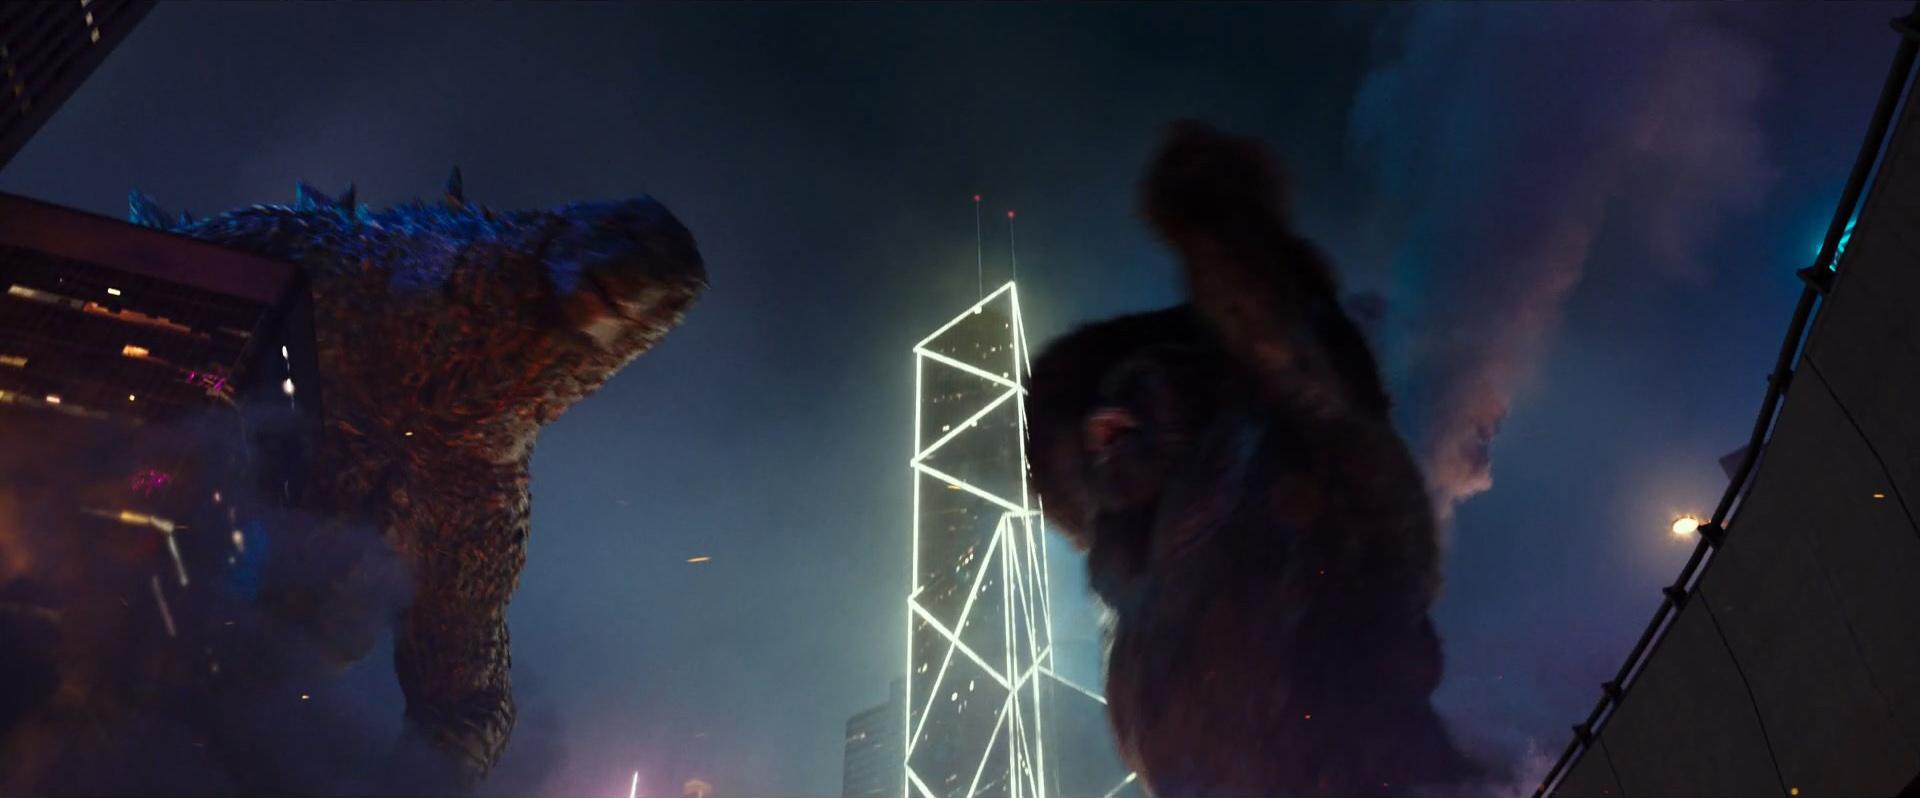 Godzilla vs Kong Trailer Still 71